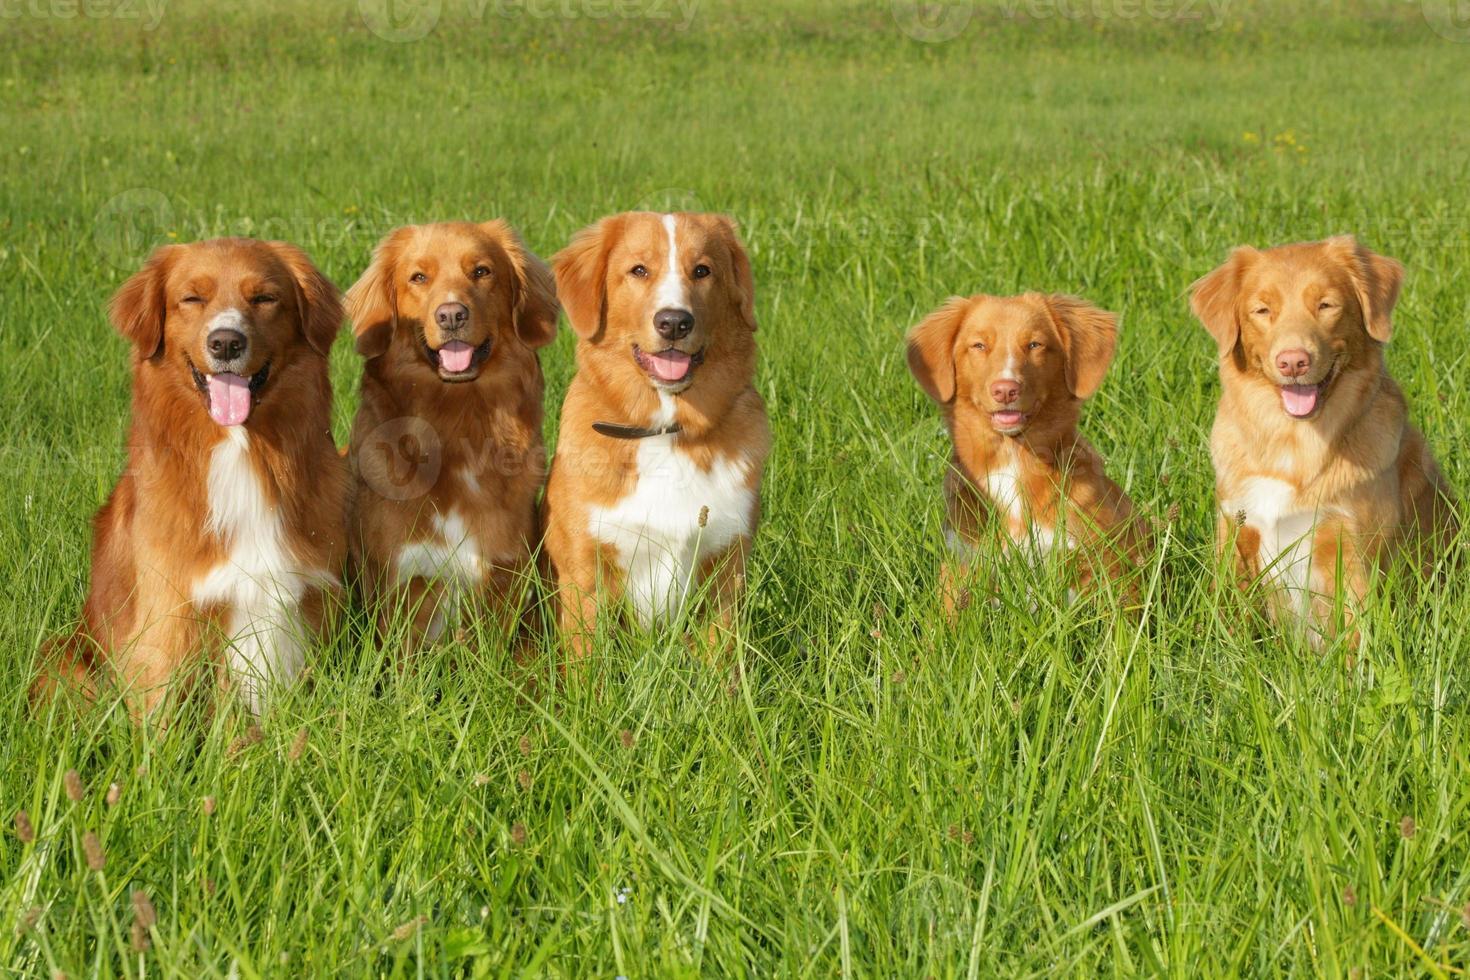 groupe de chiens nova scatia canard péage retriever photo